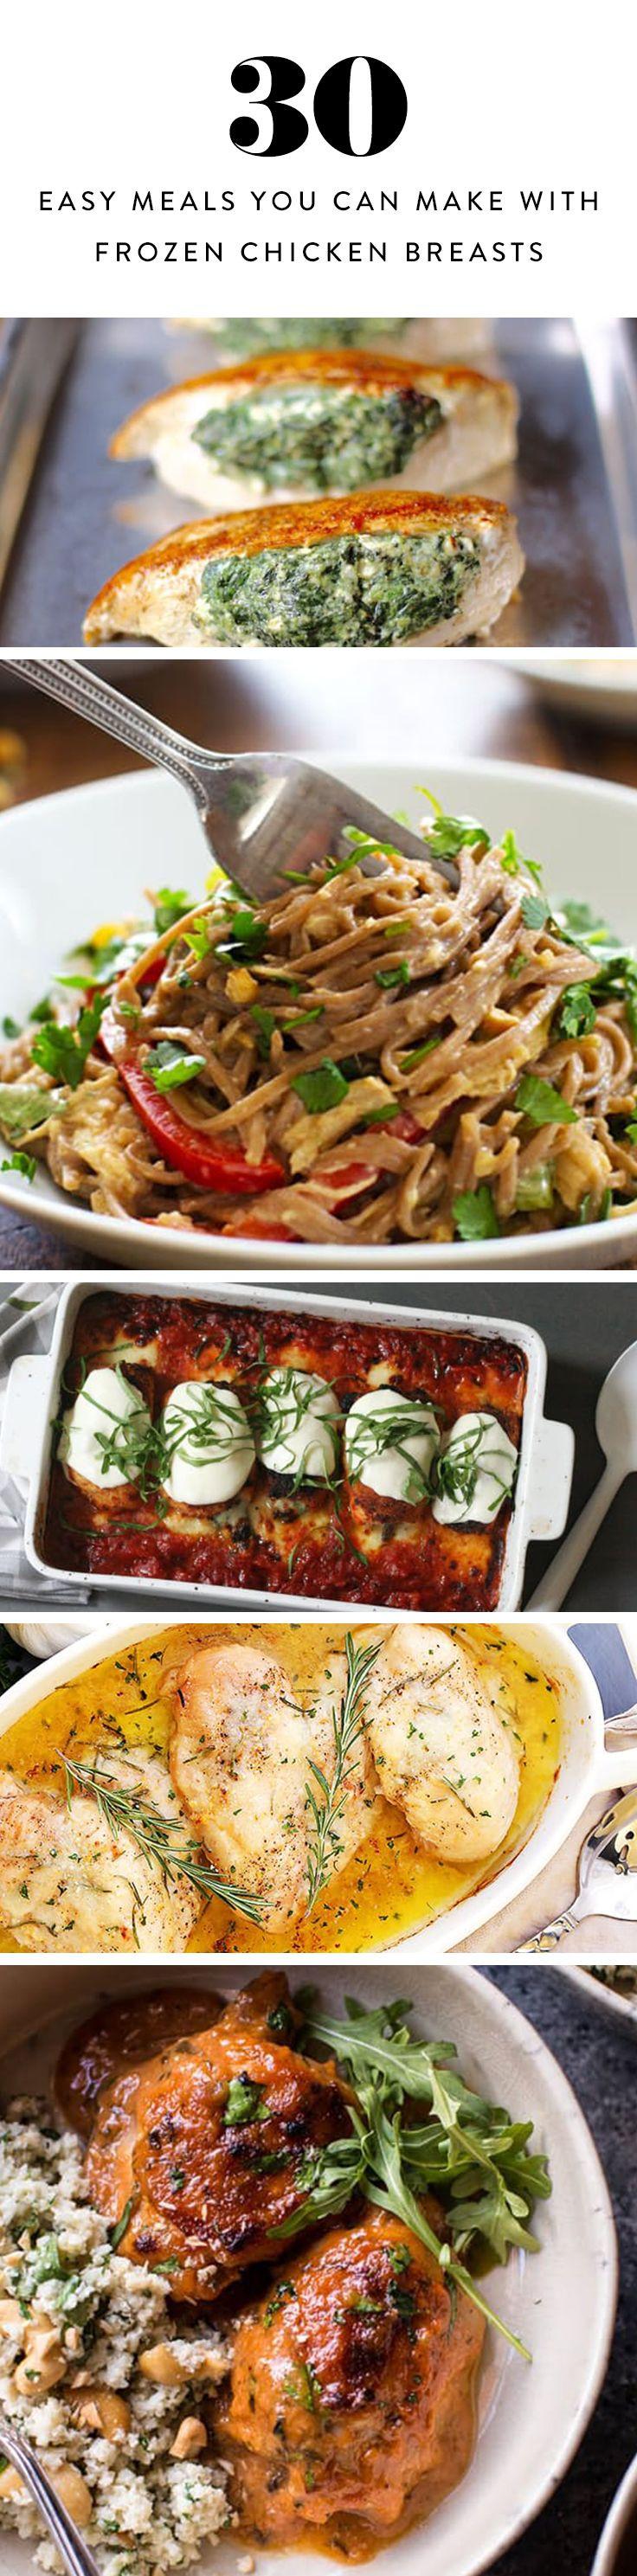 Frozen Chicken Recipes For Dinner  Best 25 Frozen chicken meals ideas on Pinterest